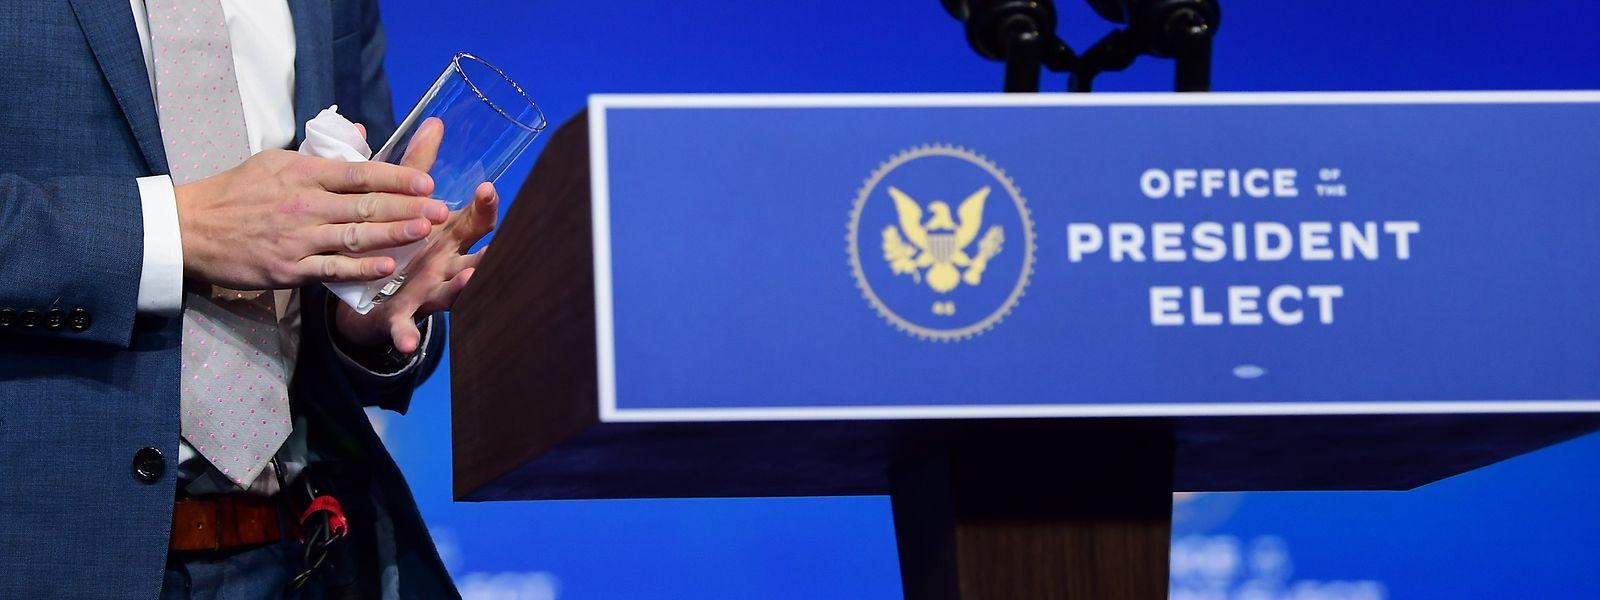 Der gewählte Präsident schlägt versöhnlichere Töne an, als der Noch-Amtsinhaber.